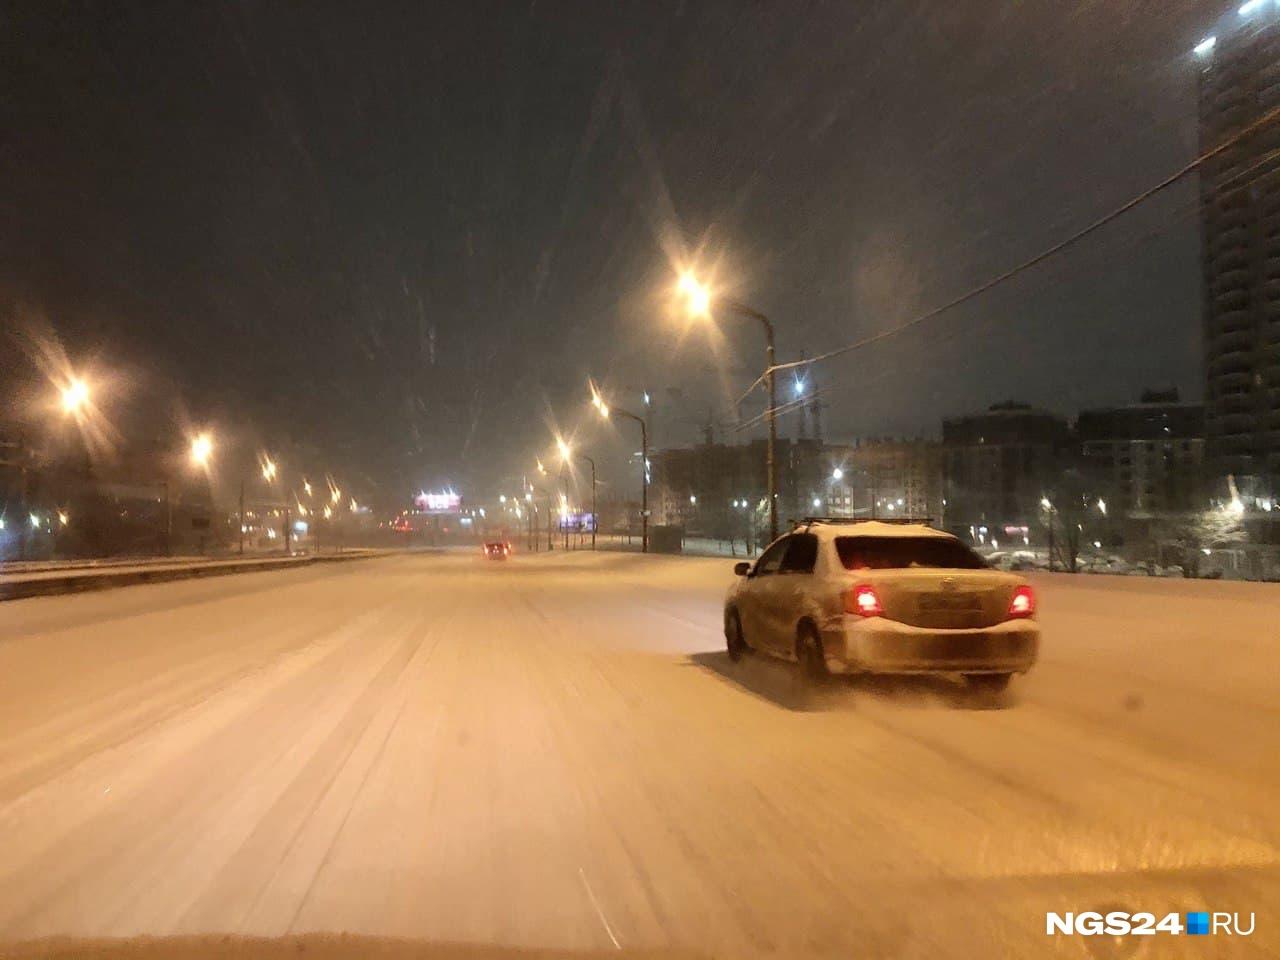 Так в 06:30 выглядела дорога на путепроводе с Северного шоссе по пути на Взлётку